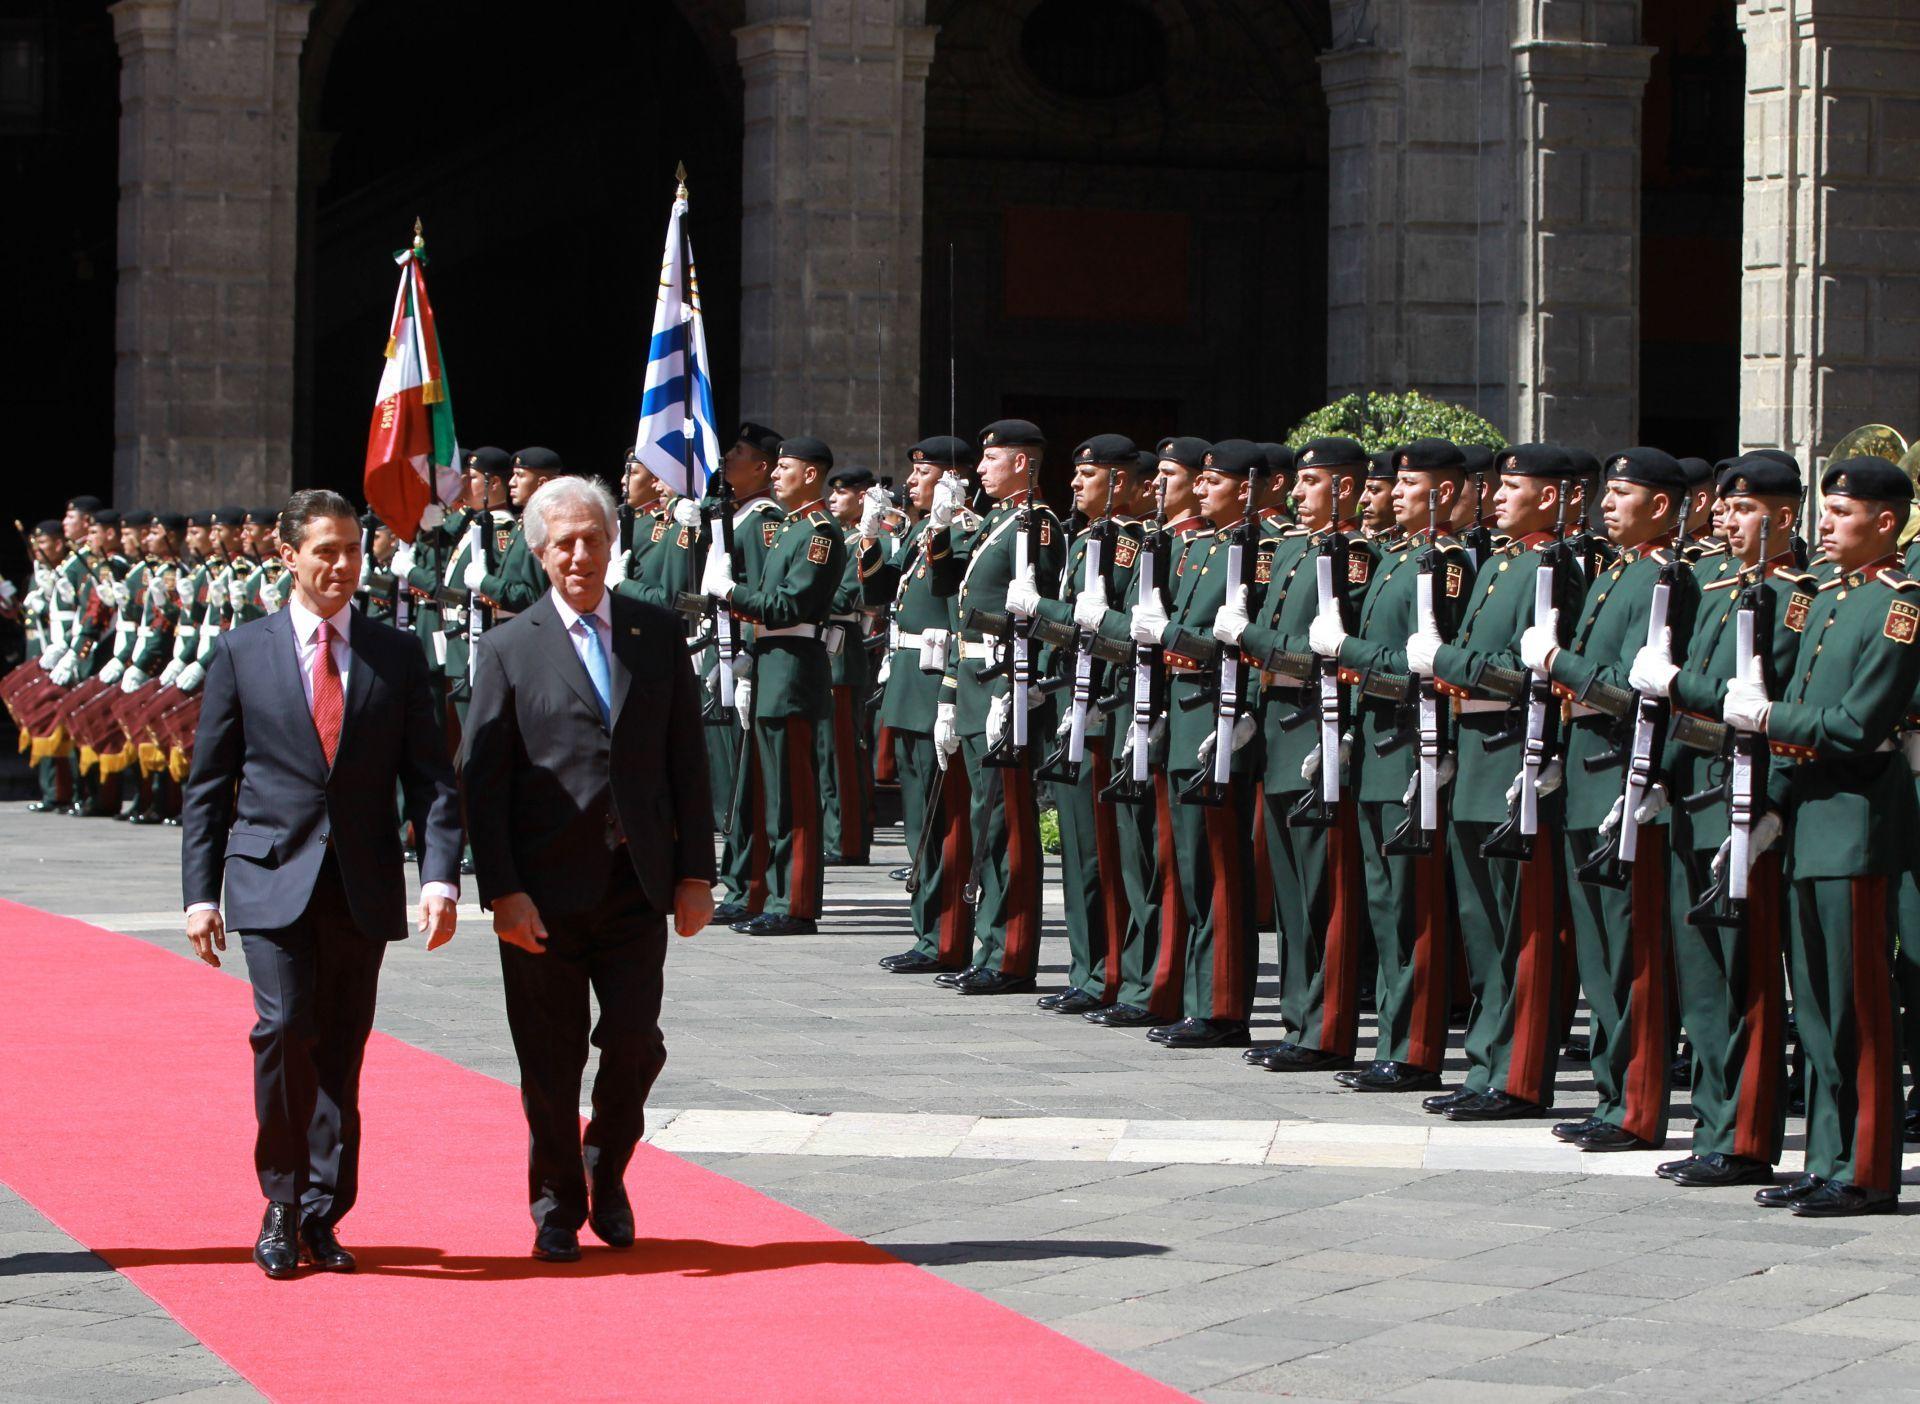 Tabaré Vázquez: Ni los países más poderosos pueden avanzar en soledad